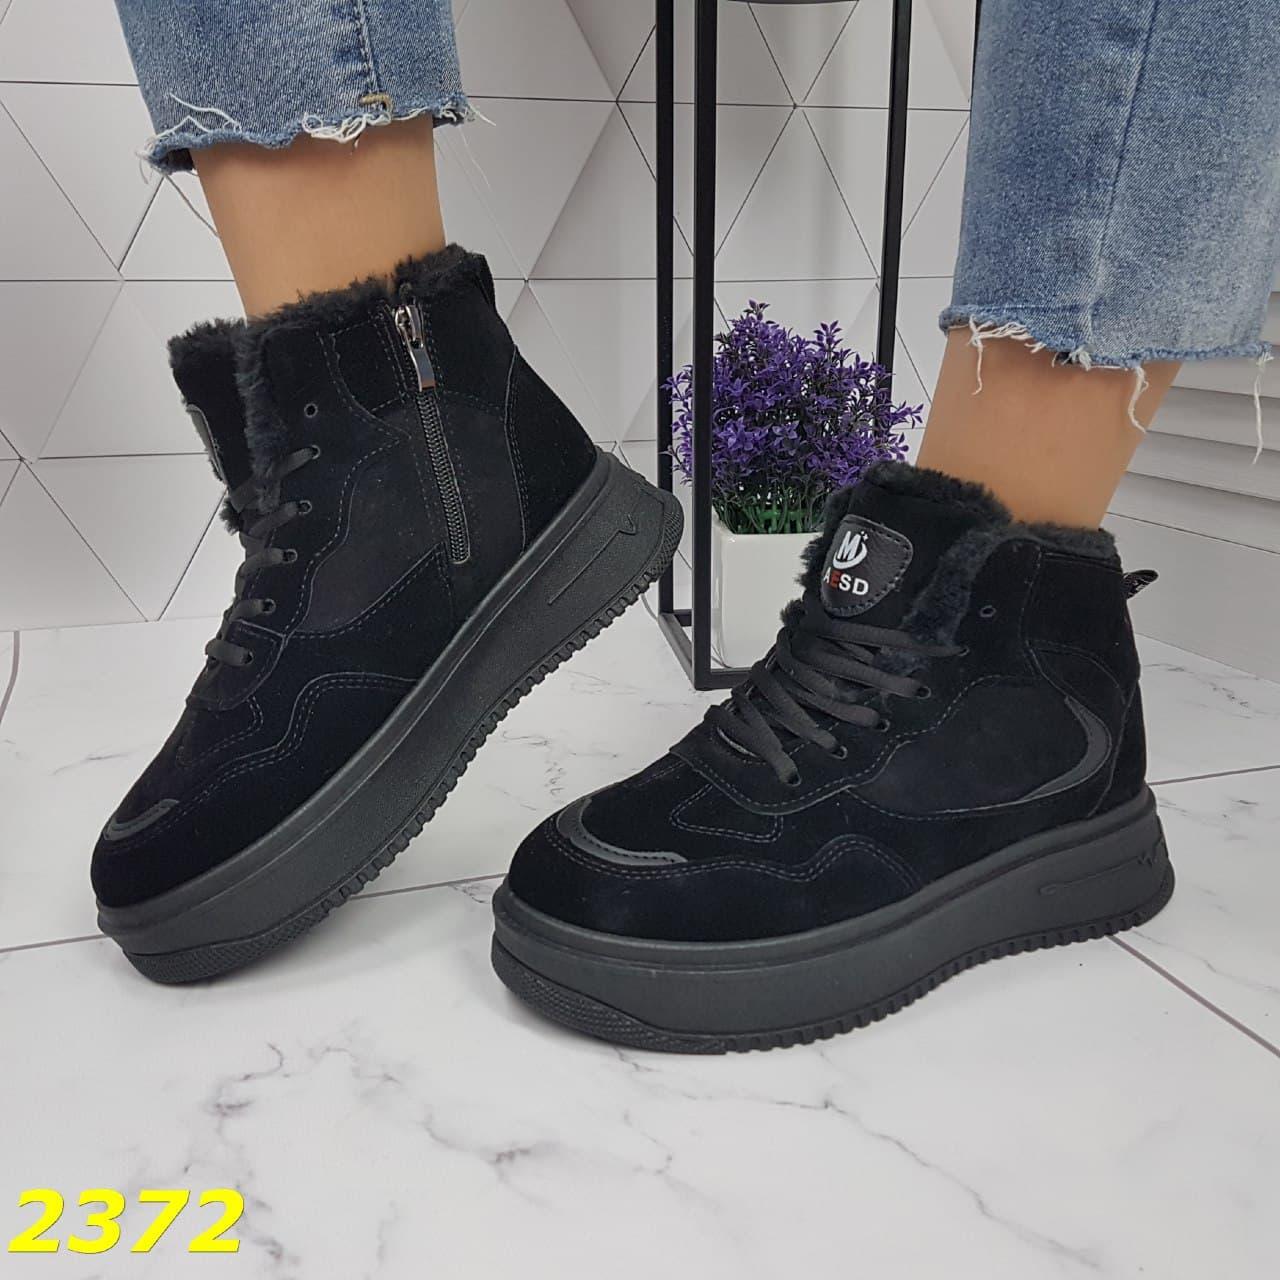 женские кроссовки, зимние кроссовки